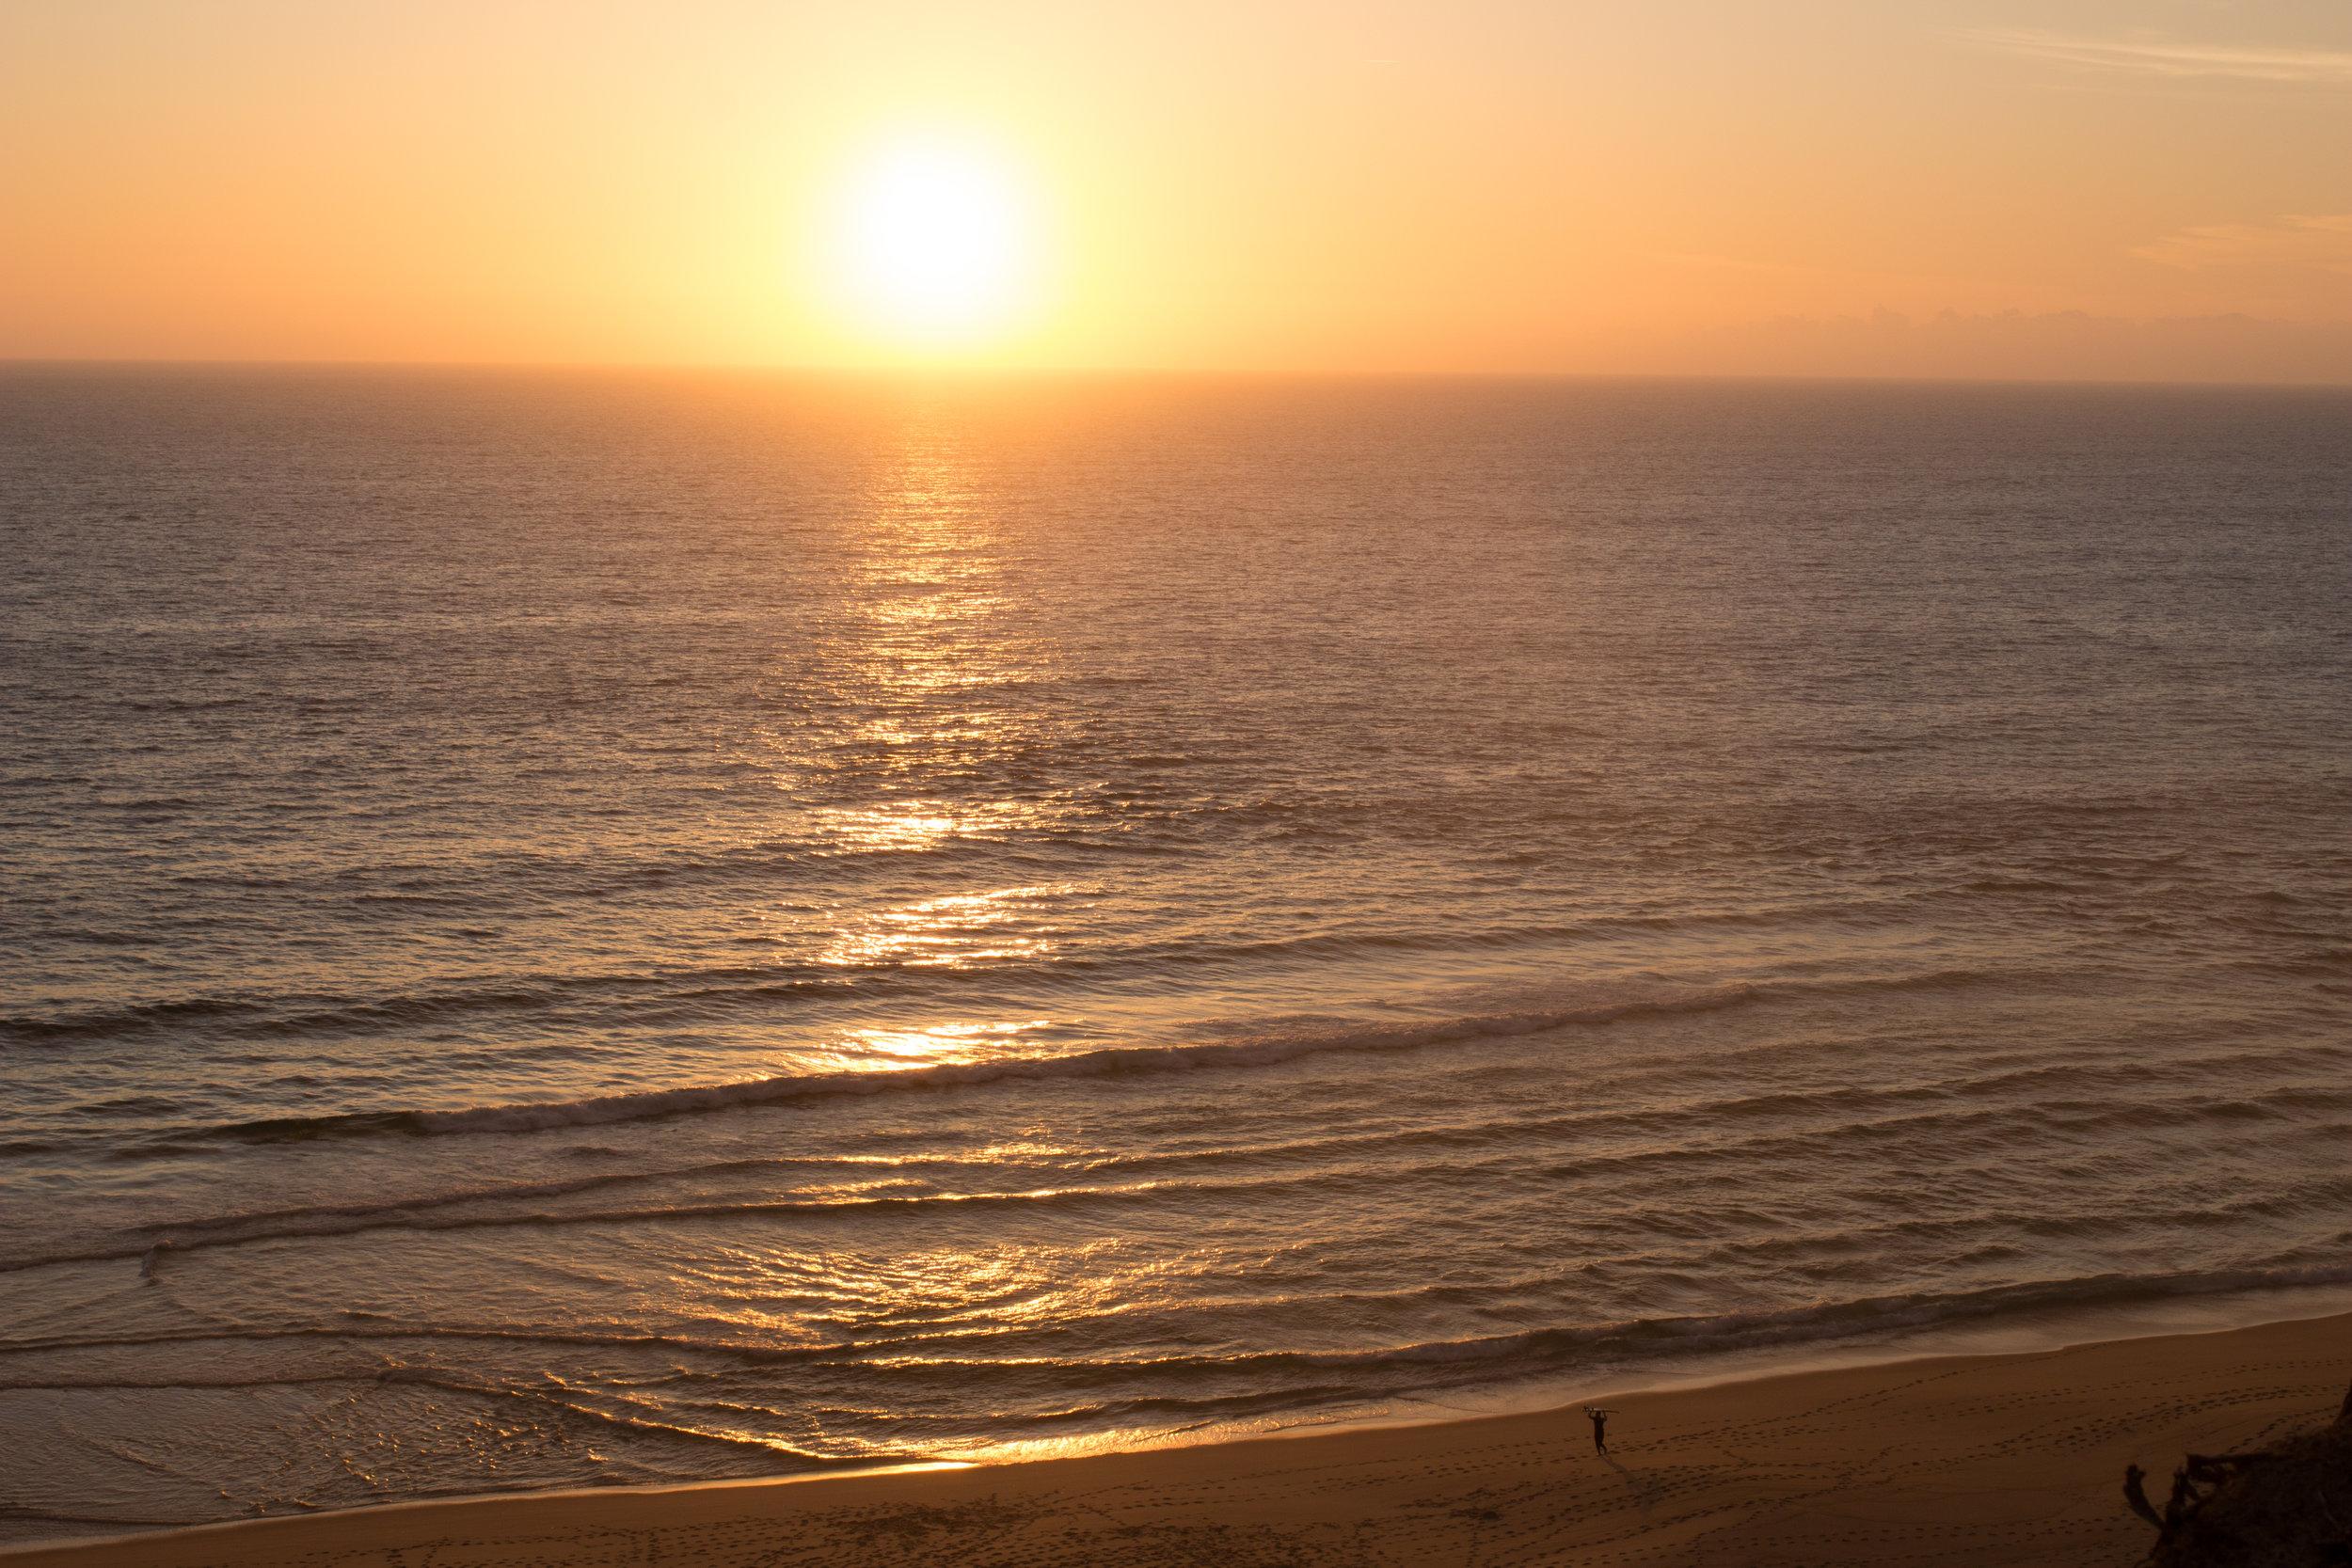 Sunrise_opportunities.jpg